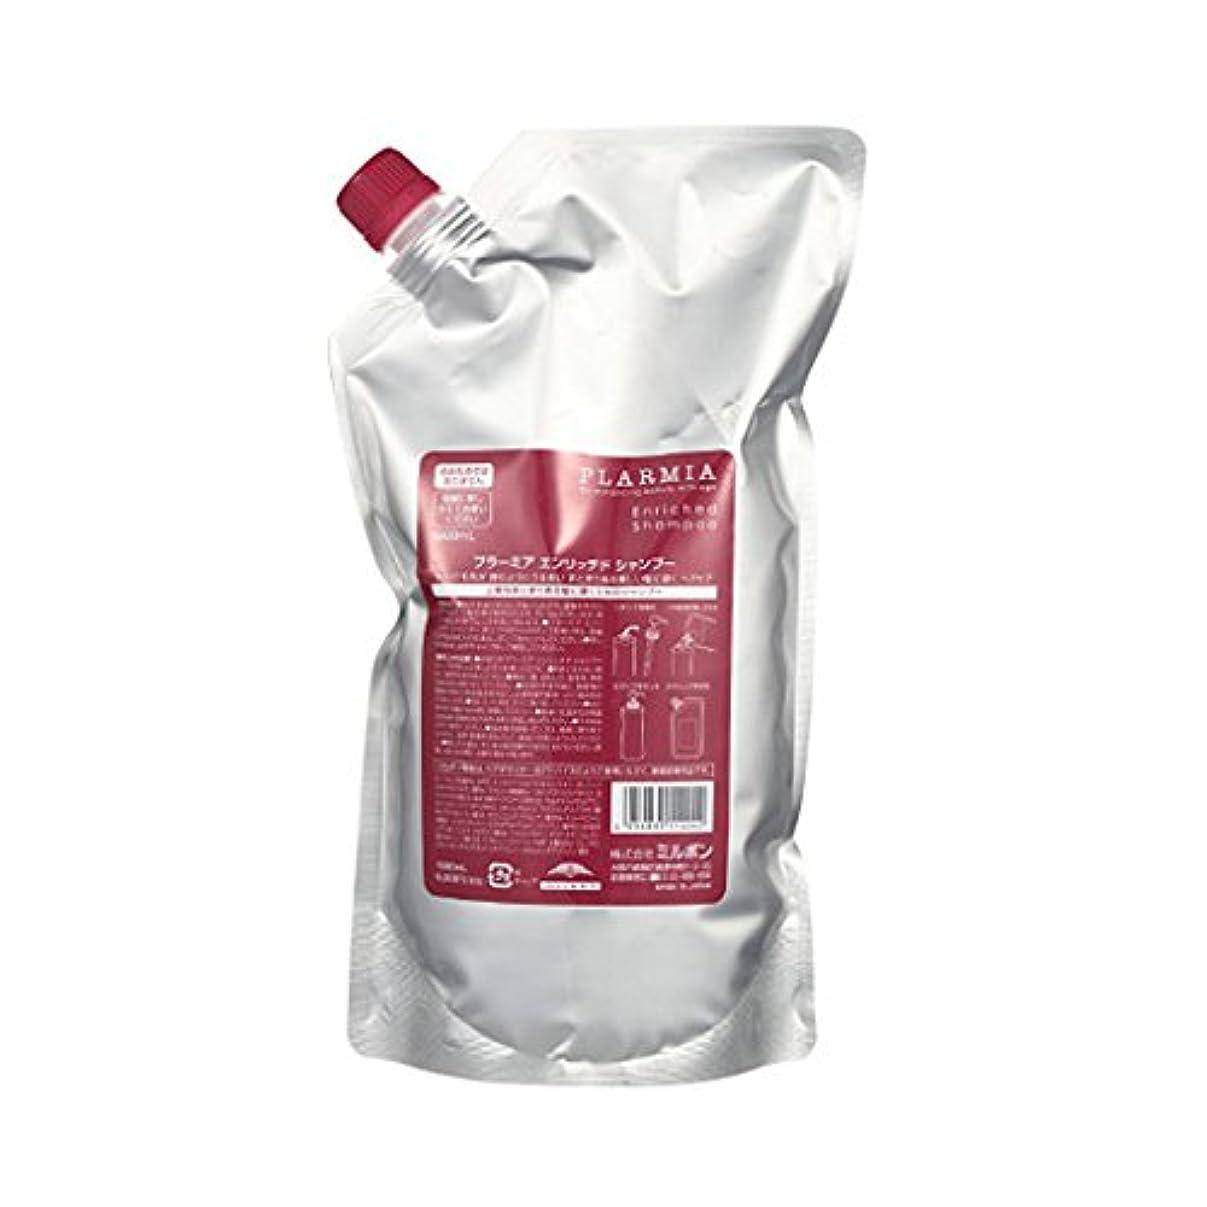 入学する安価な葉を拾うミルボン プラーミア エンリッチド シャンプー (1000mlパック) 詰替用